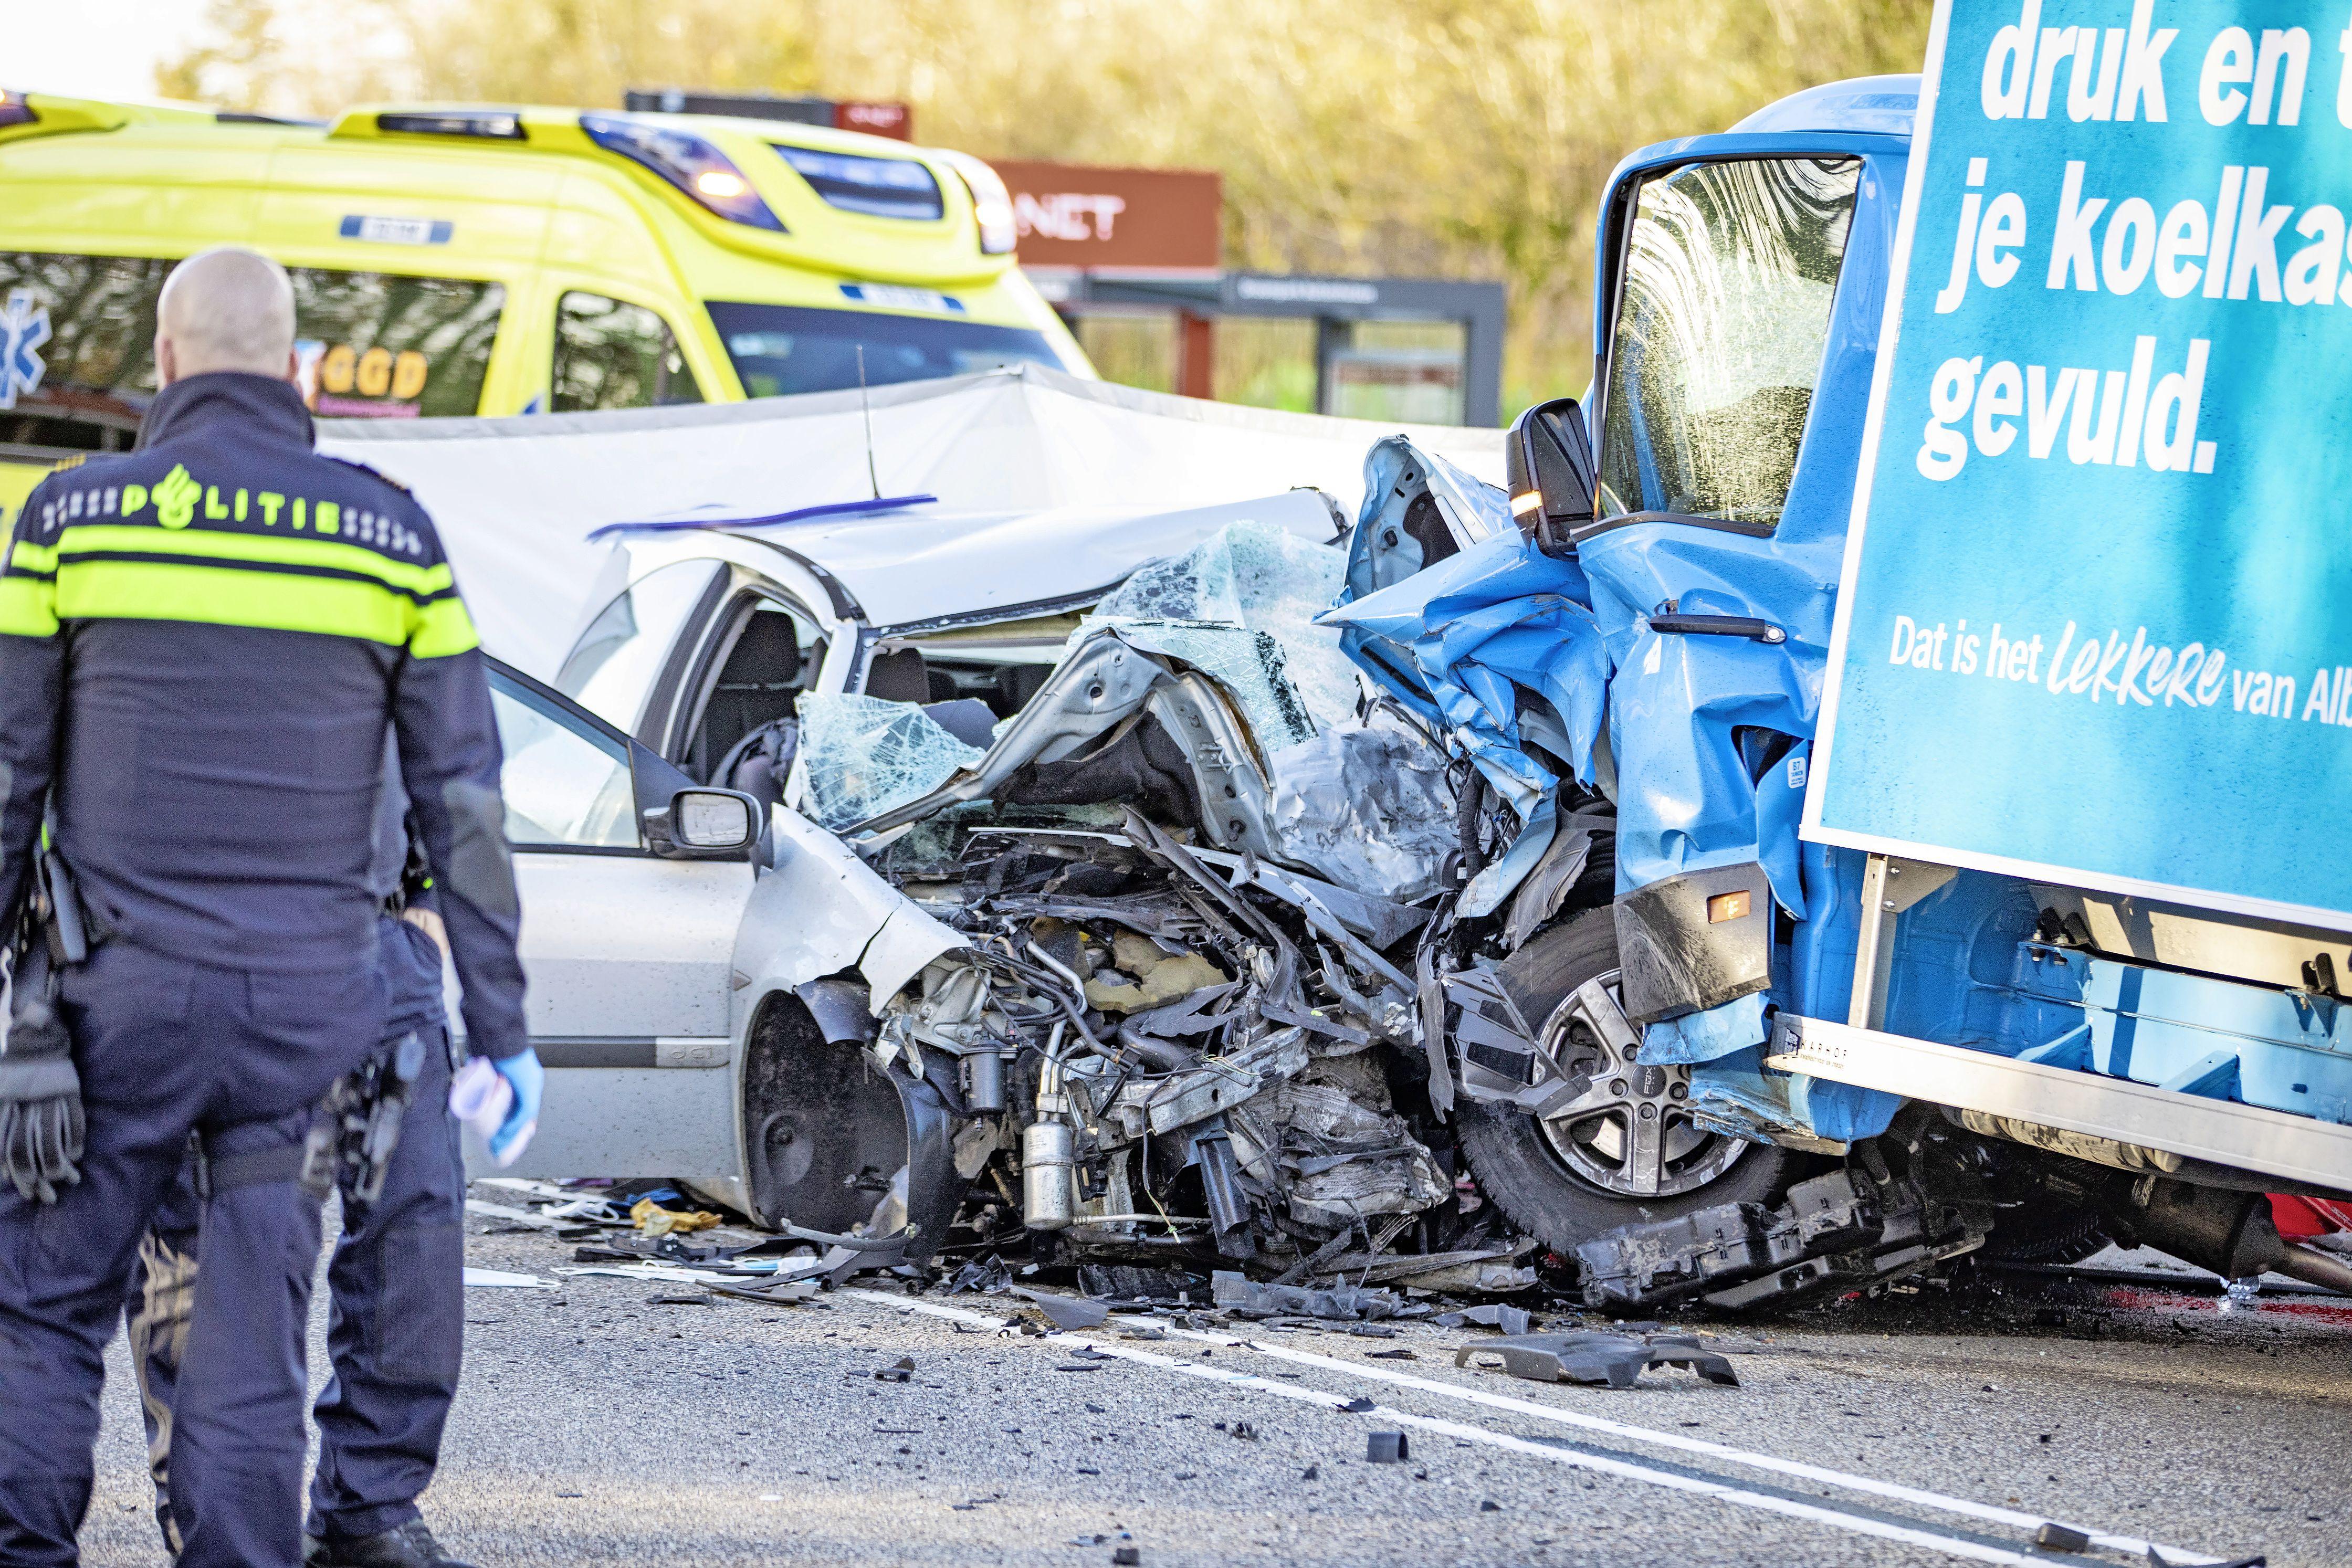 Bestuurder AH-bestelbusje die drugs gebruikte en achter het stuur in slaap viel, moet twee jaar cel in voor veroorzaken dodelijk ongeval